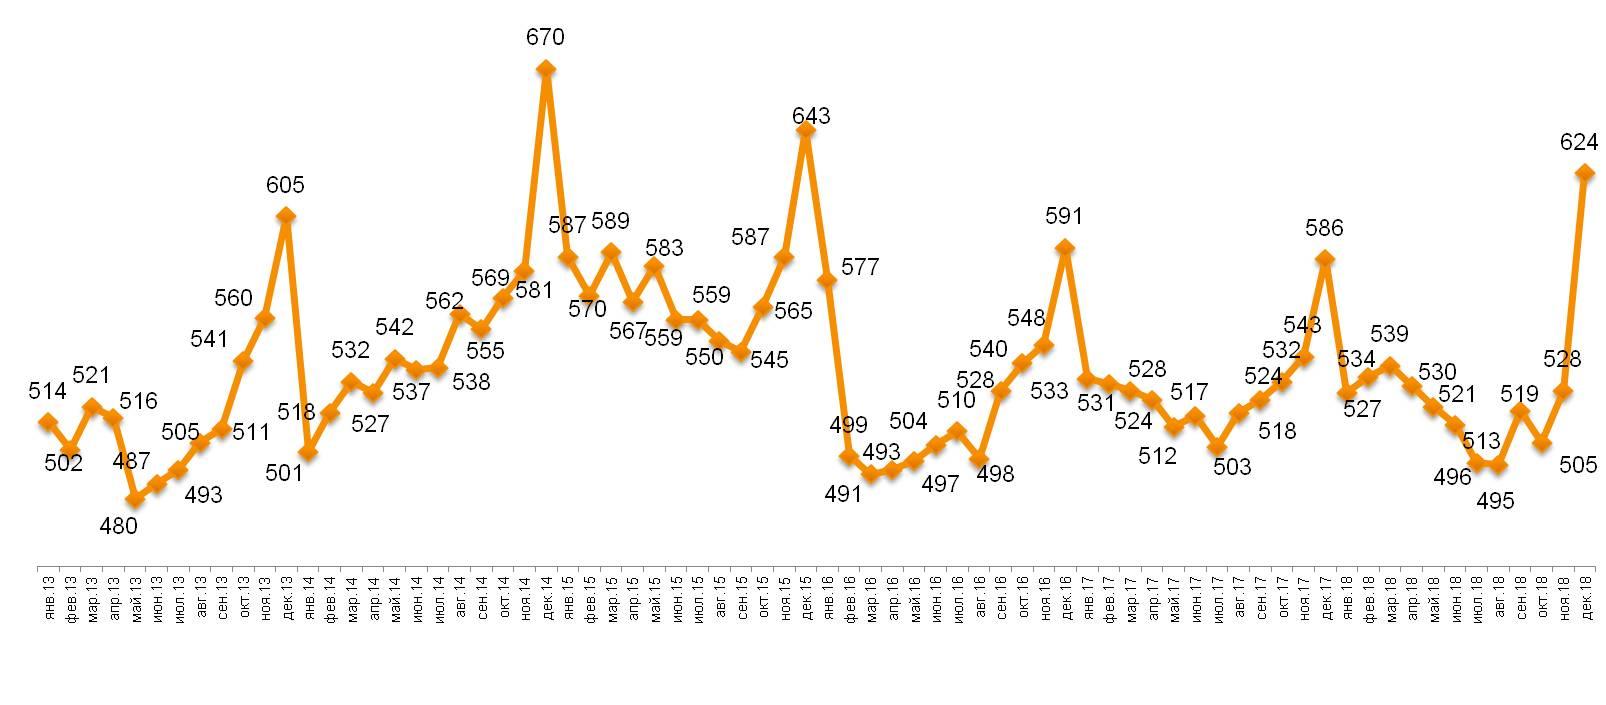 Динамика среднего чека, в рублях